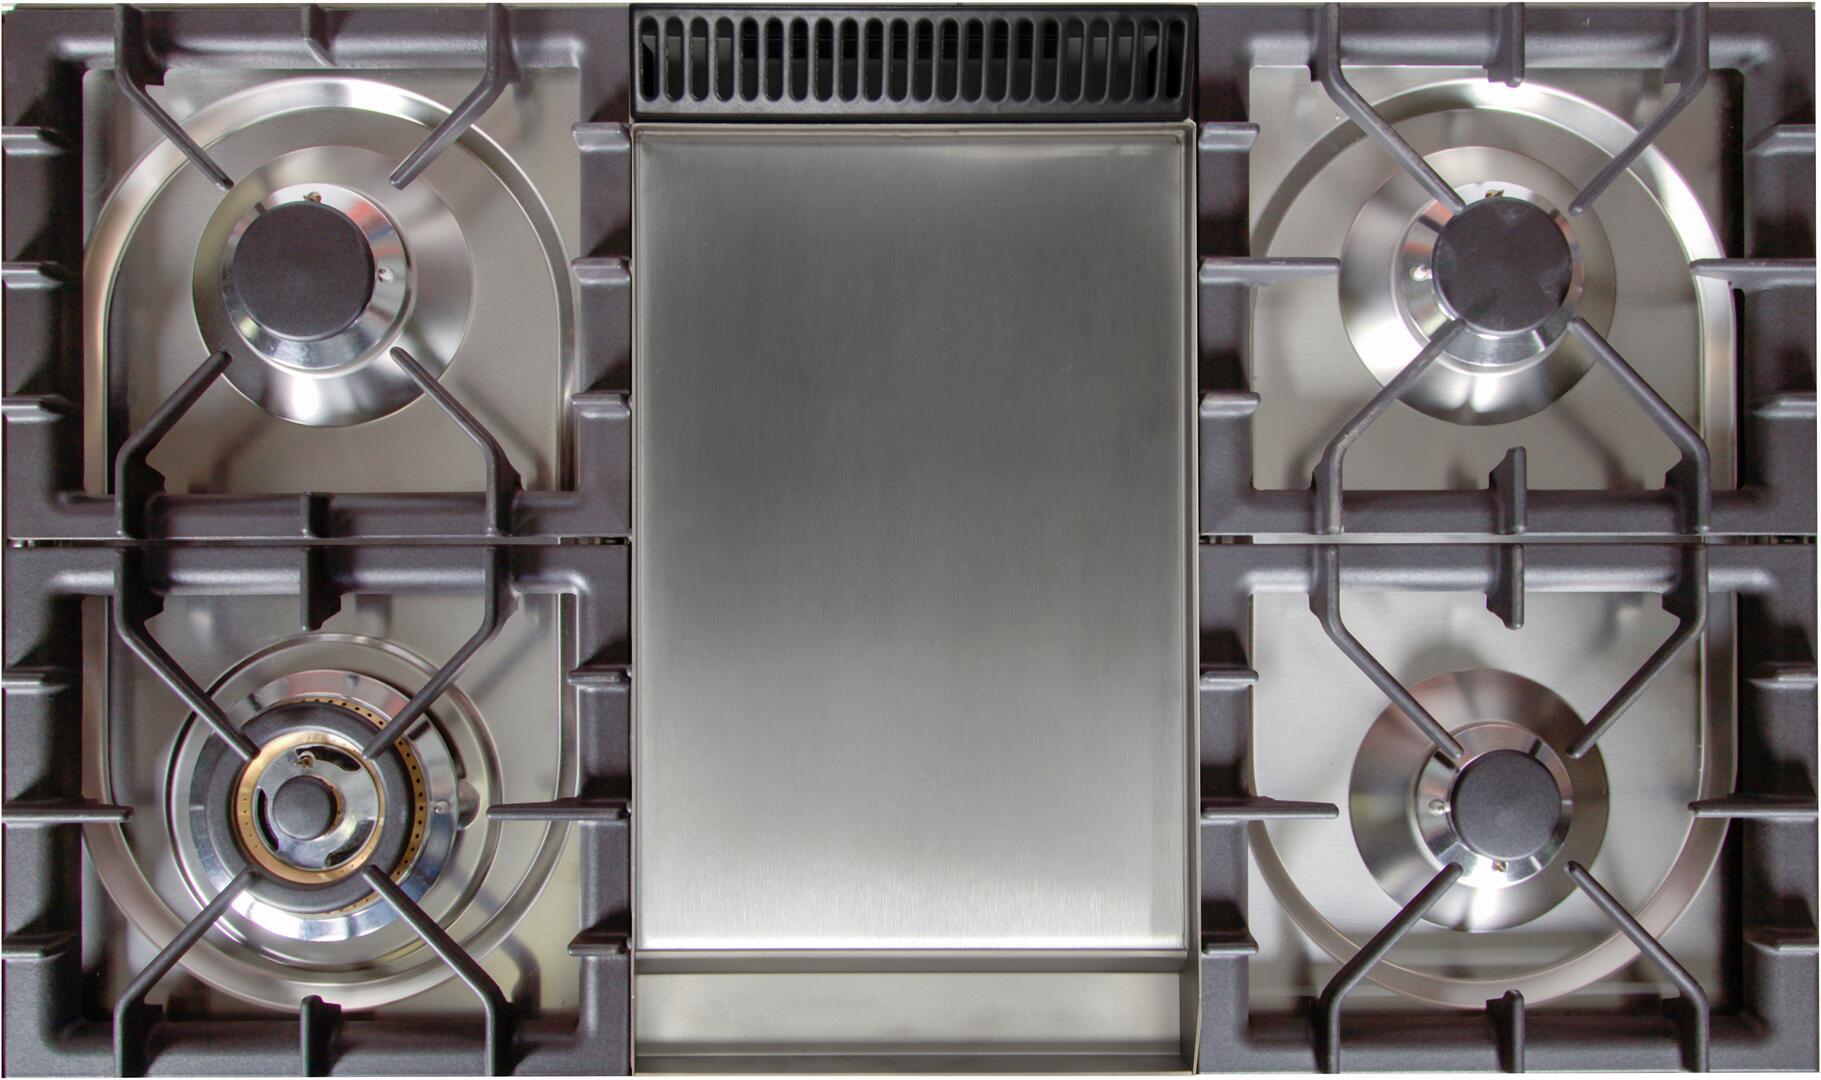 Ilve Nostalgie UPDN100FDMPVSLP Freestanding Dual Fuel Range Green, Cooktop